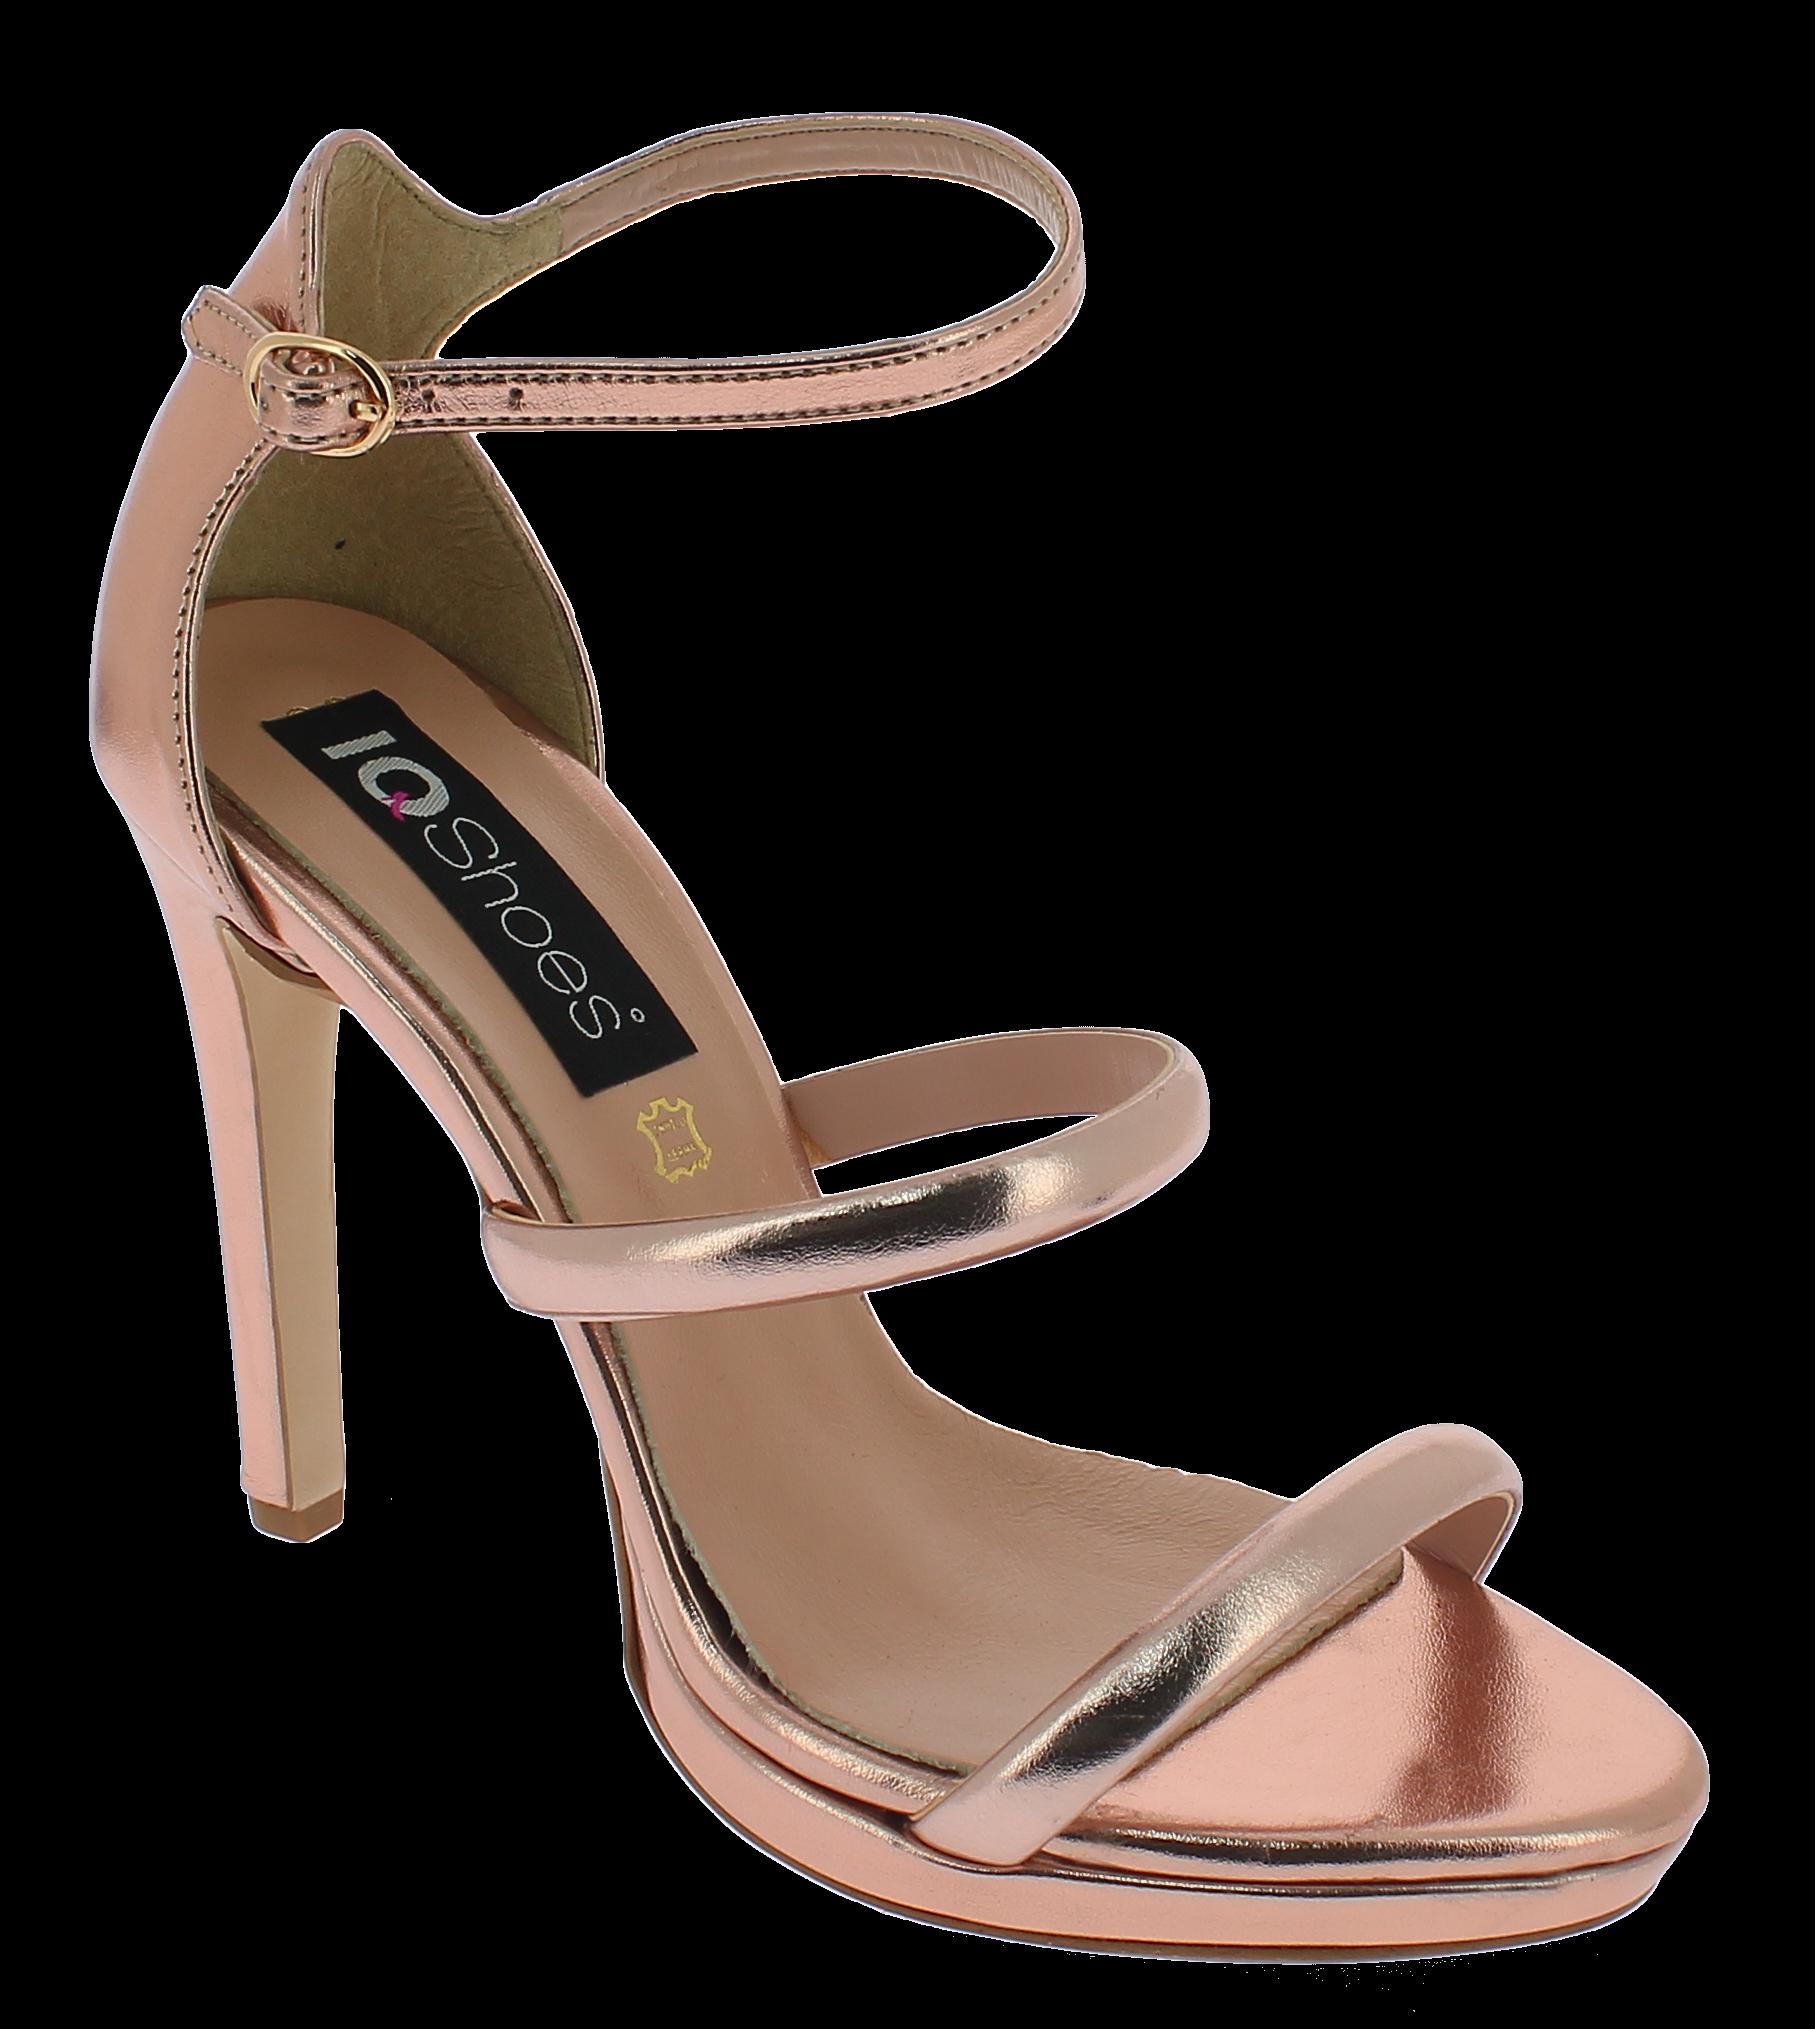 IQSHOES Γυναικείο Πέδιλο 1500 Μπρονζέ - IqShoes - 41.1500 BRONZE-IQSHOES-bronze- παπούτσια  γυναικεία σανδάλια   πέδιλα